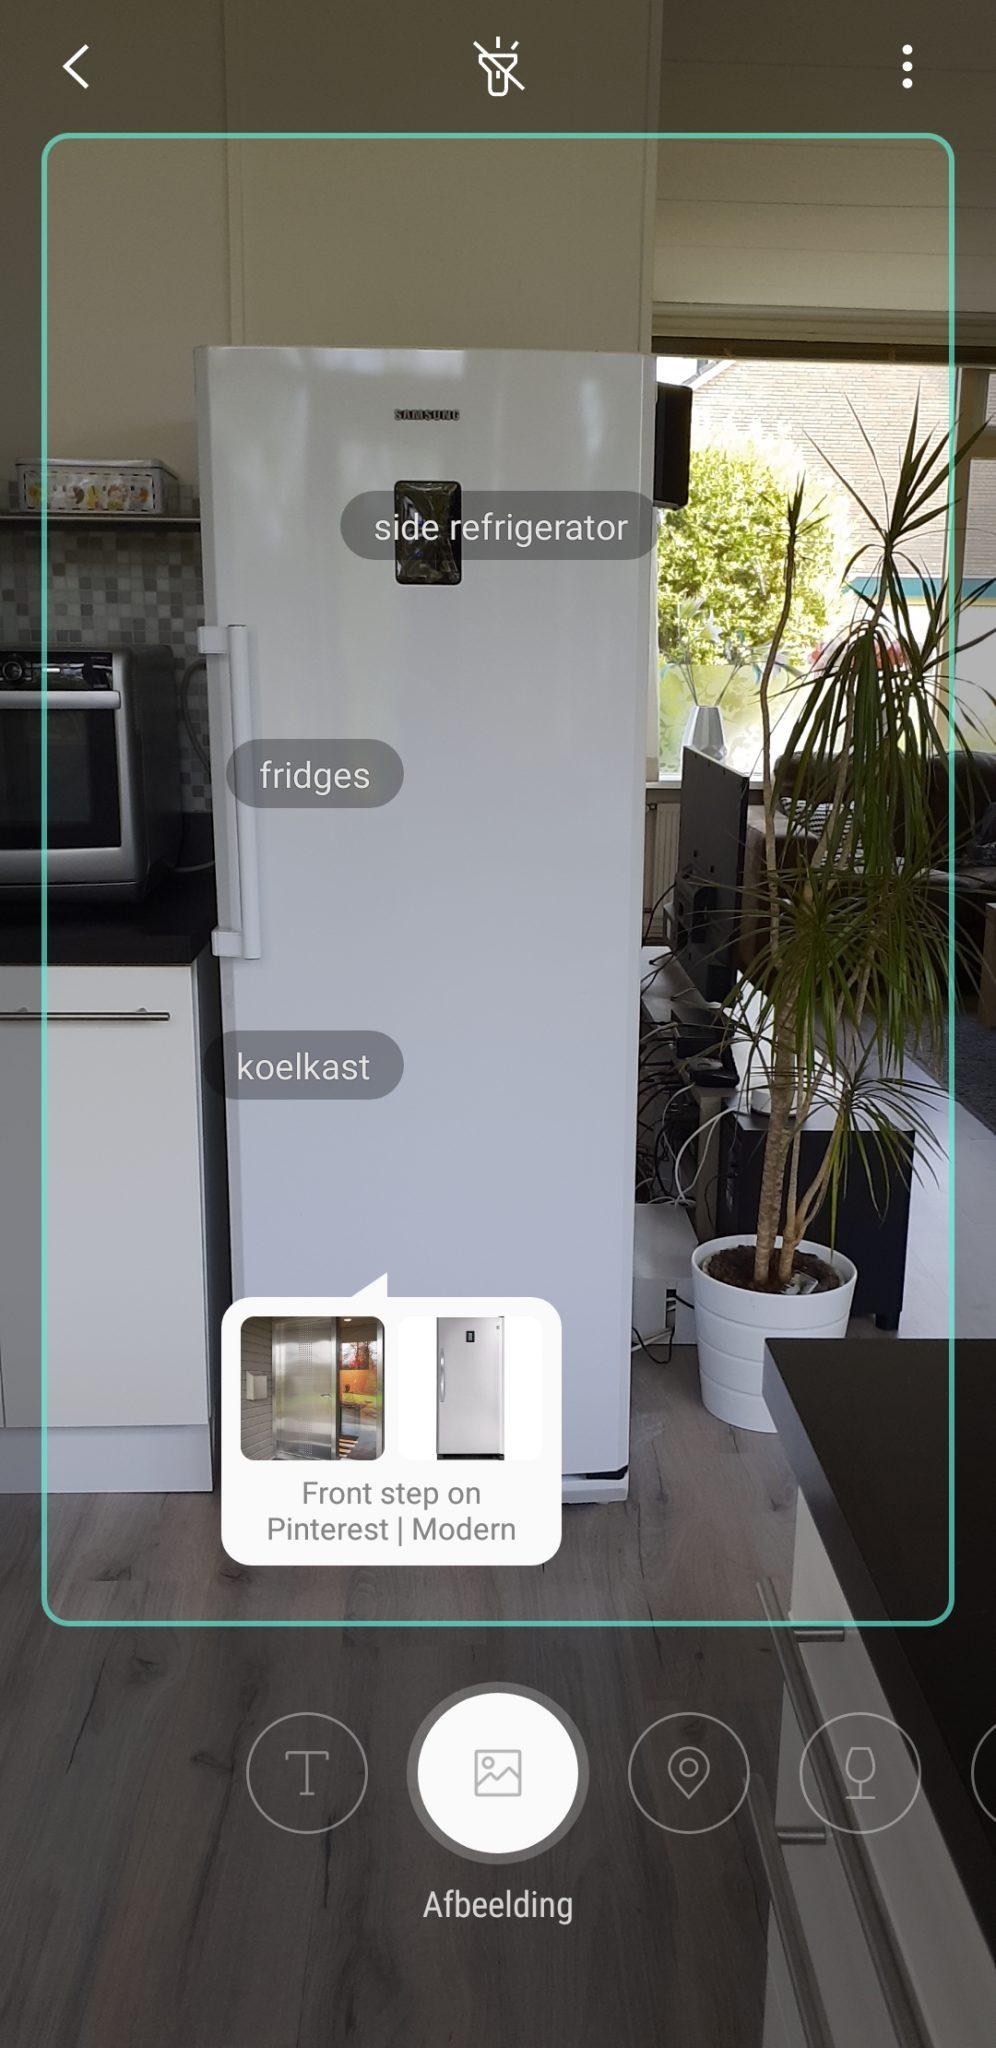 Informatie opzoeken over mijn koelkast met Bixby Vision